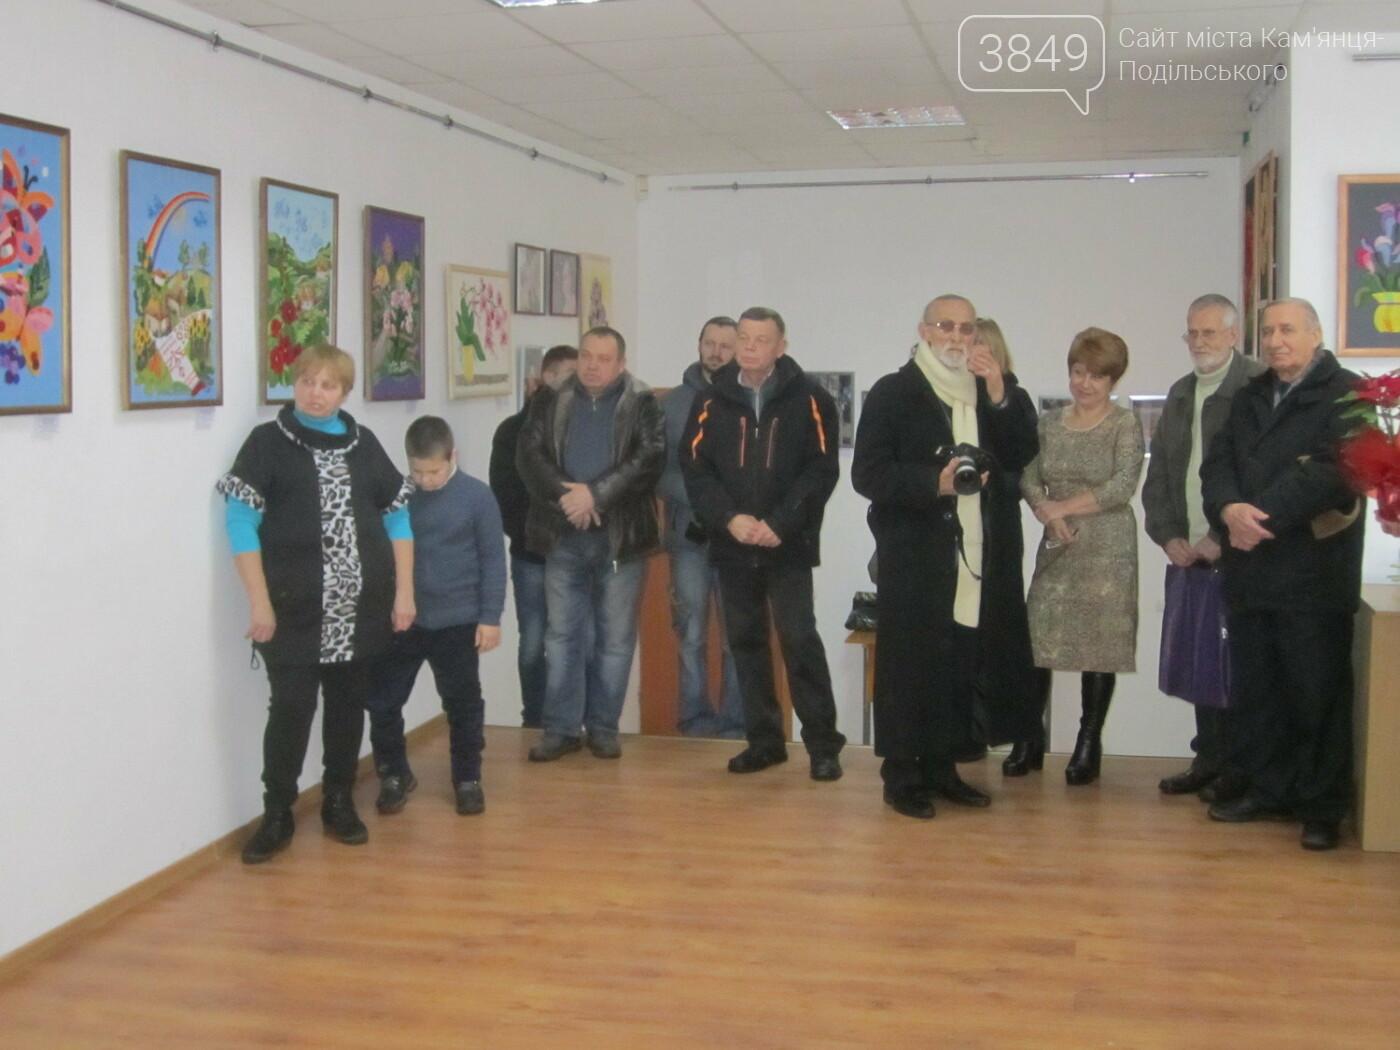 Юна Богдана Ільєва презентувала виставку гобеленів, фото-27